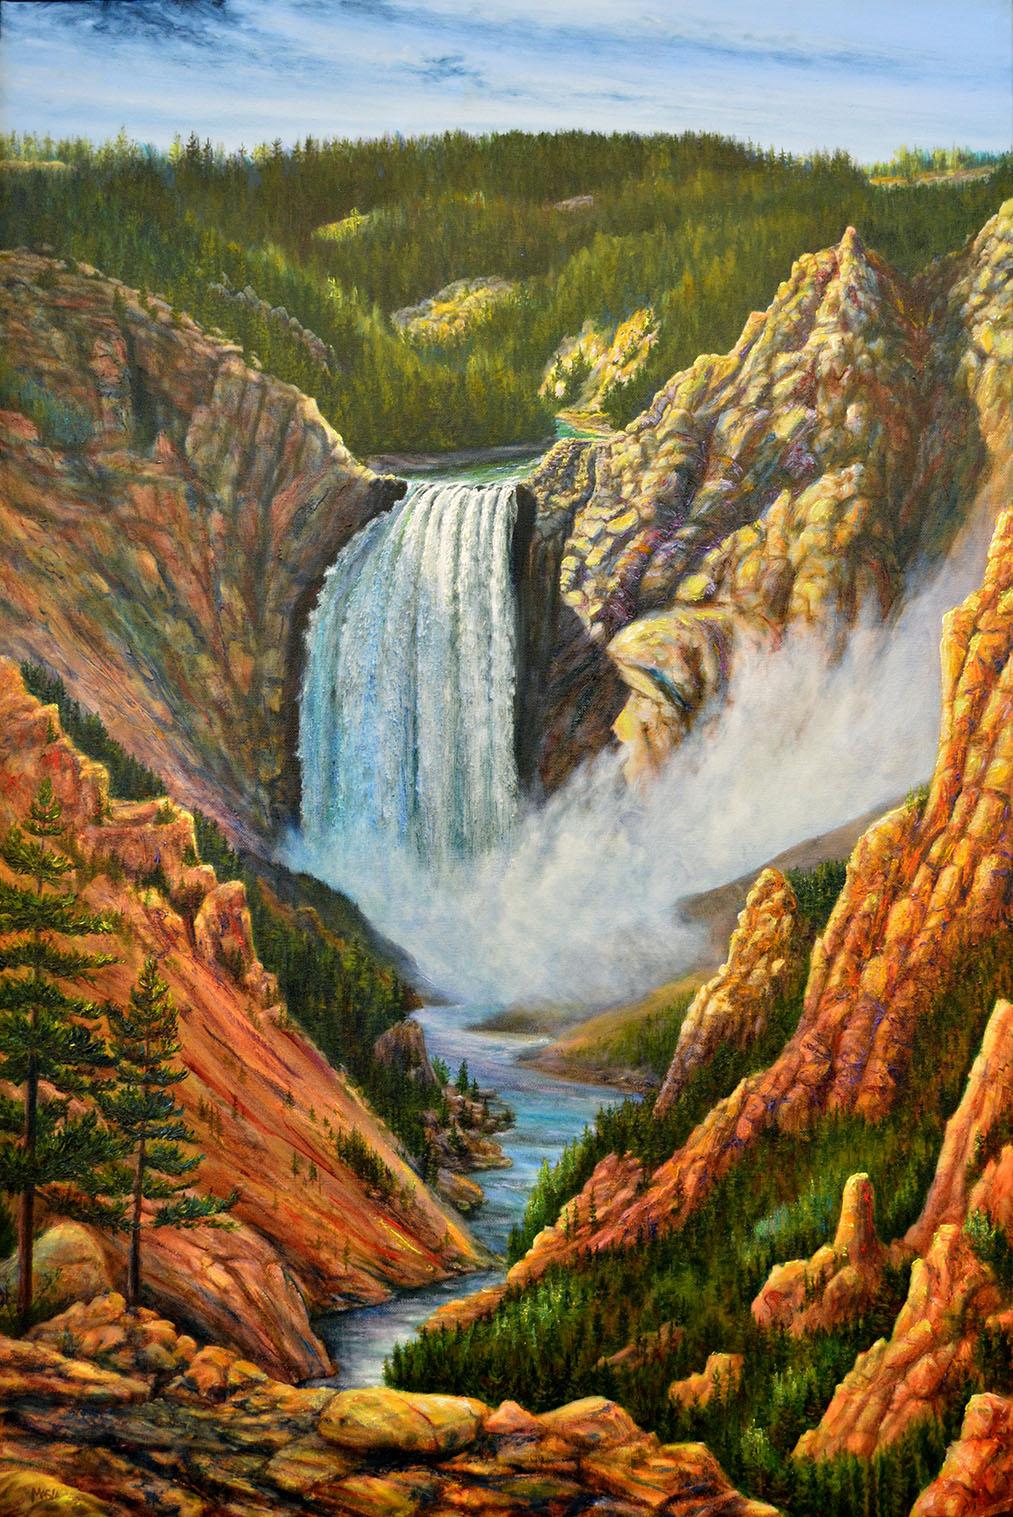 Natural Wonders (at Yellowstone Falls)